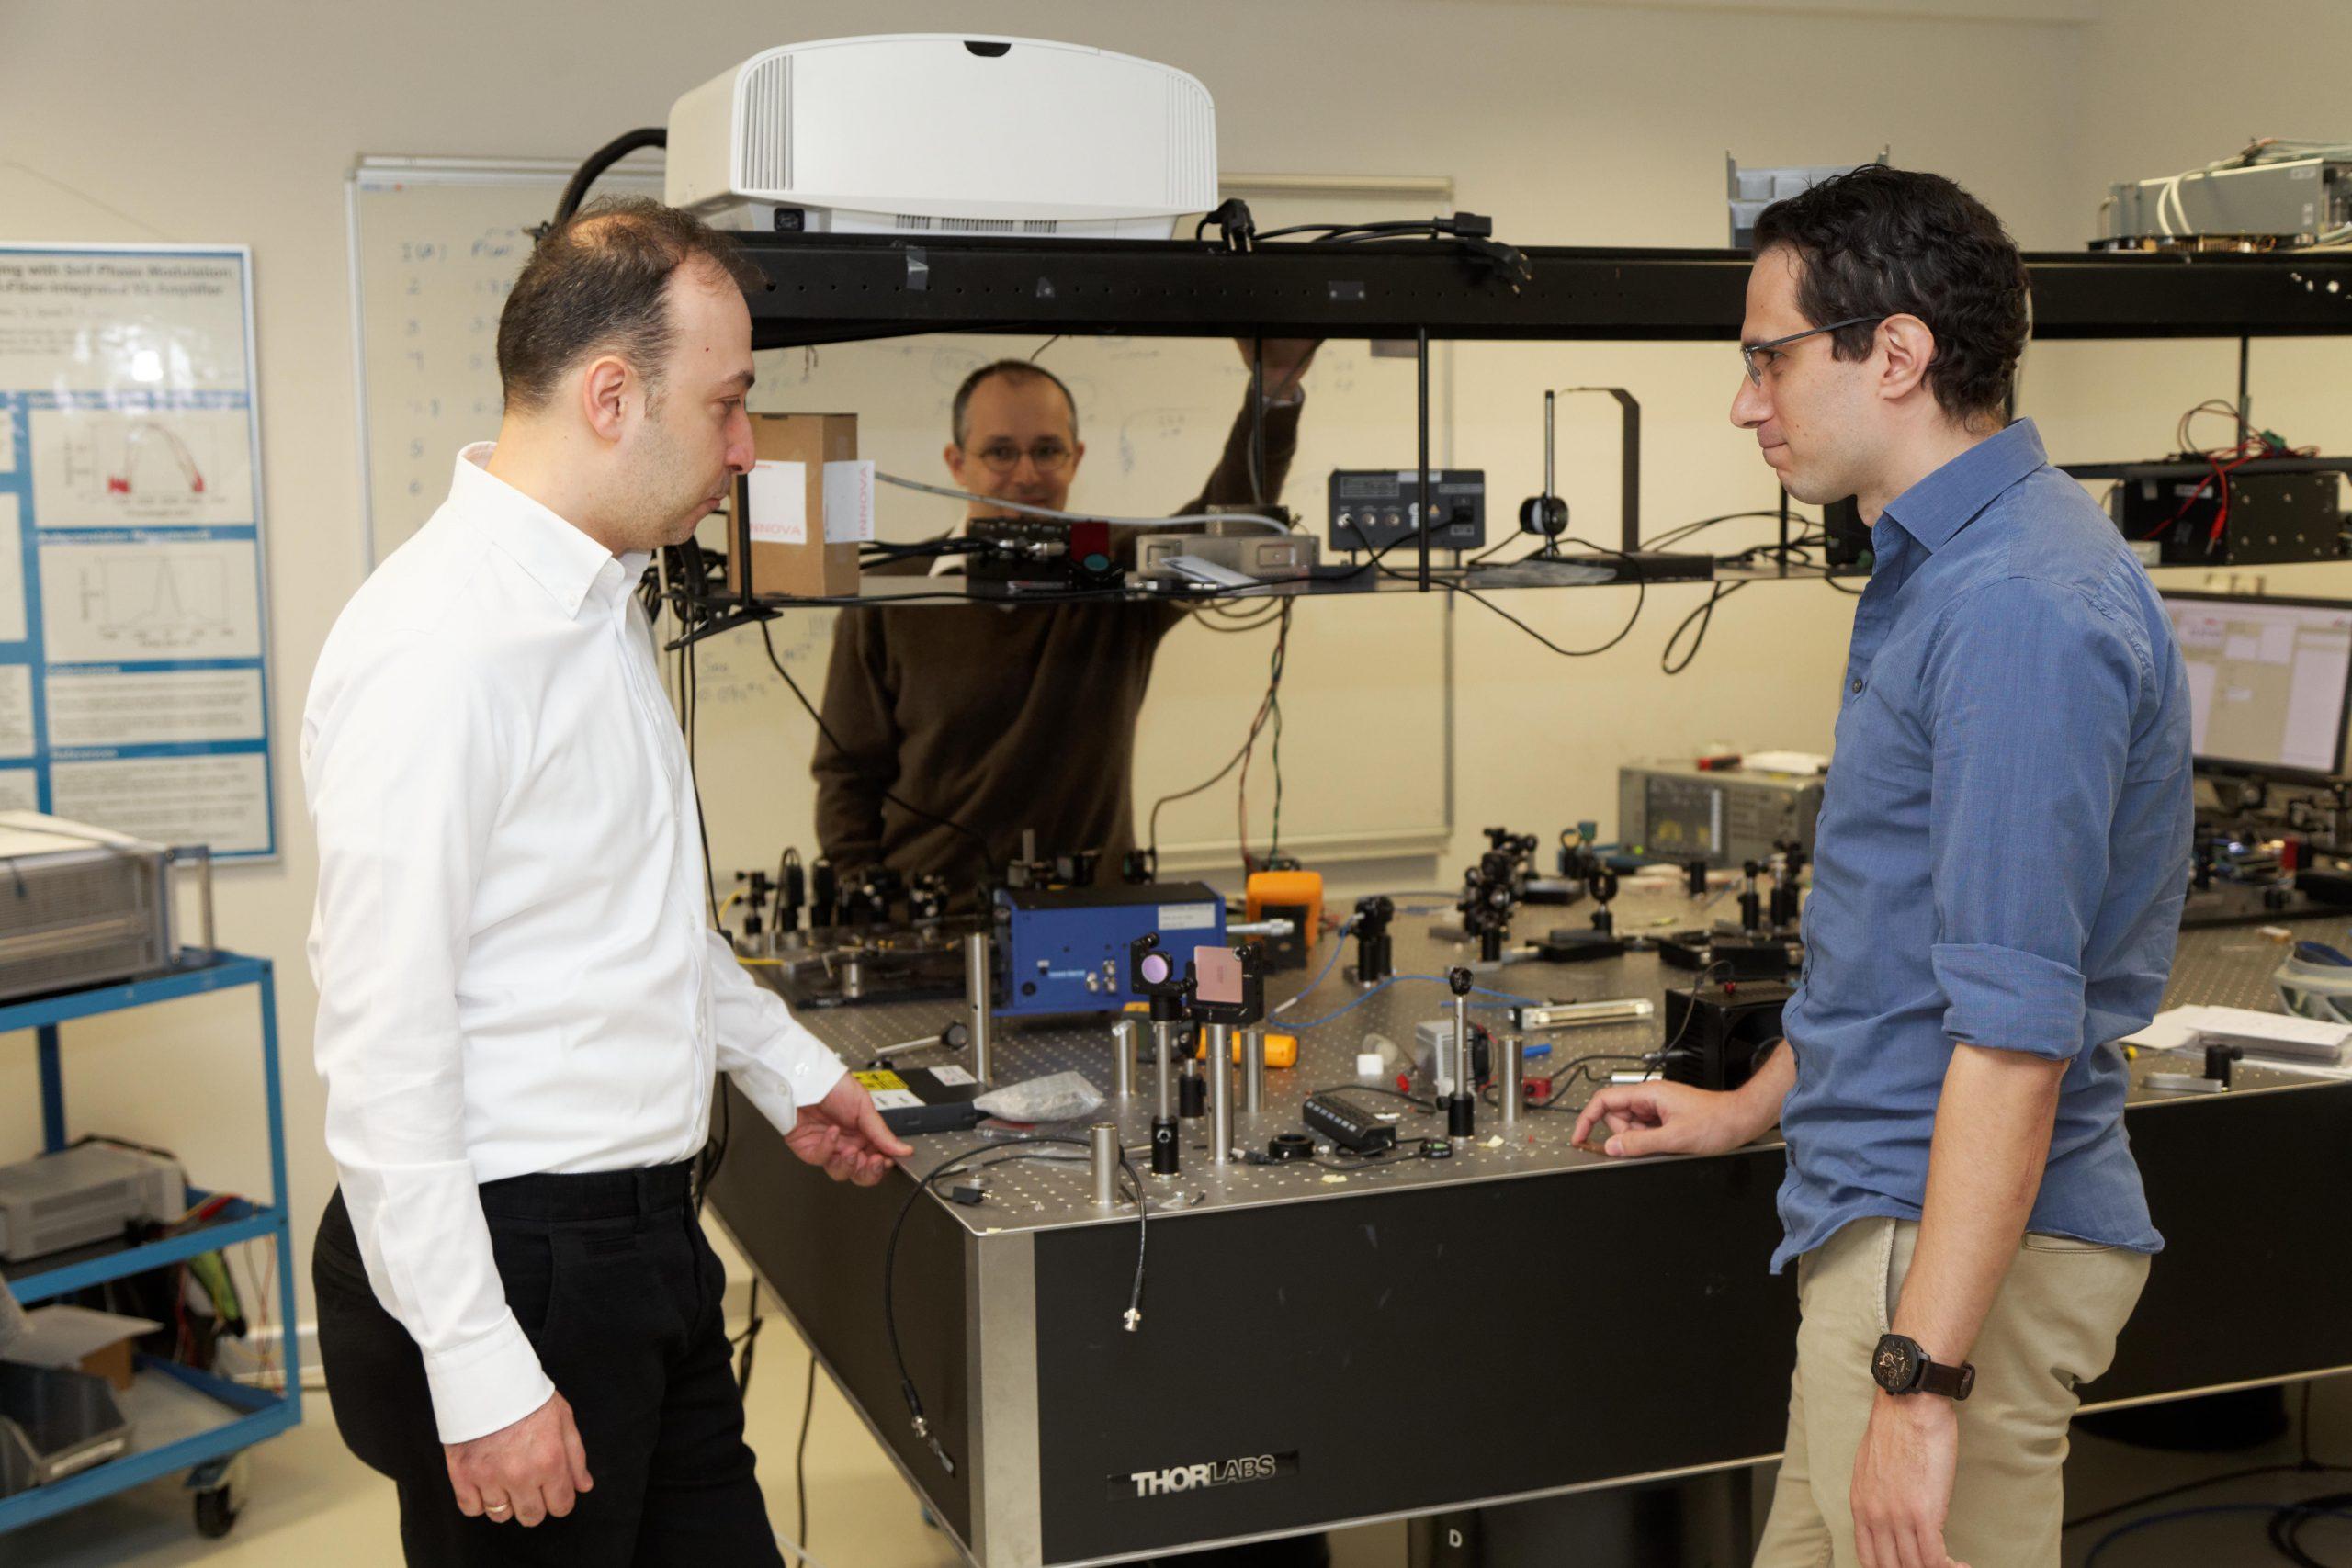 Bilkent Üniversitesi ve UNAM araştırmacıları hologram teknolojisinde yeni bir geliştirmeye imza attı